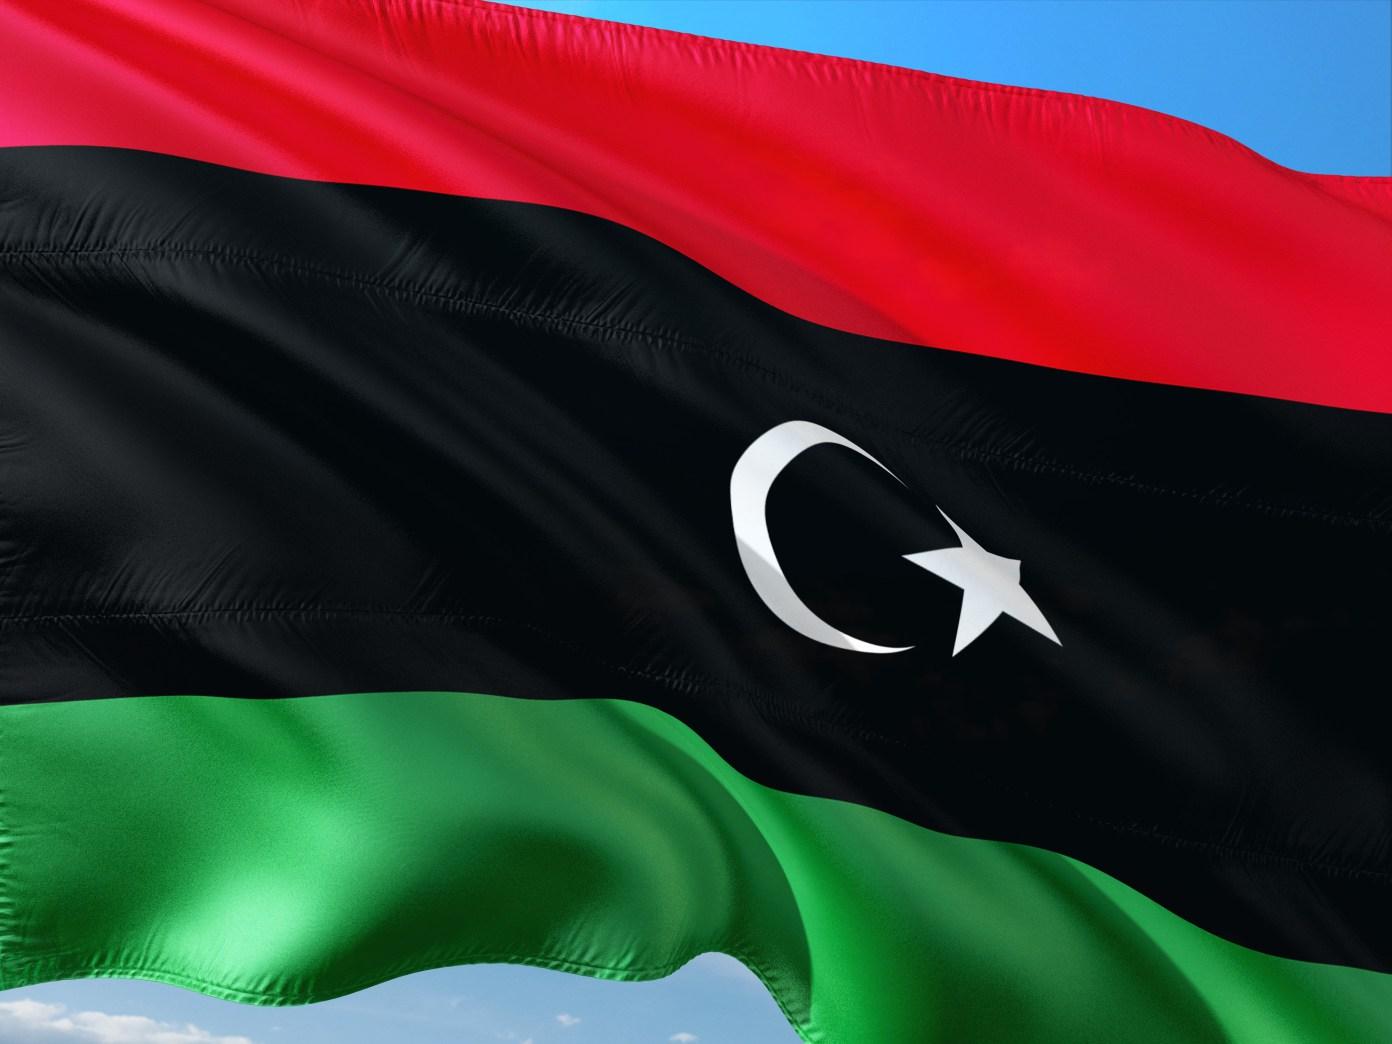 La situazione della Libia tra guerre interne e scontri